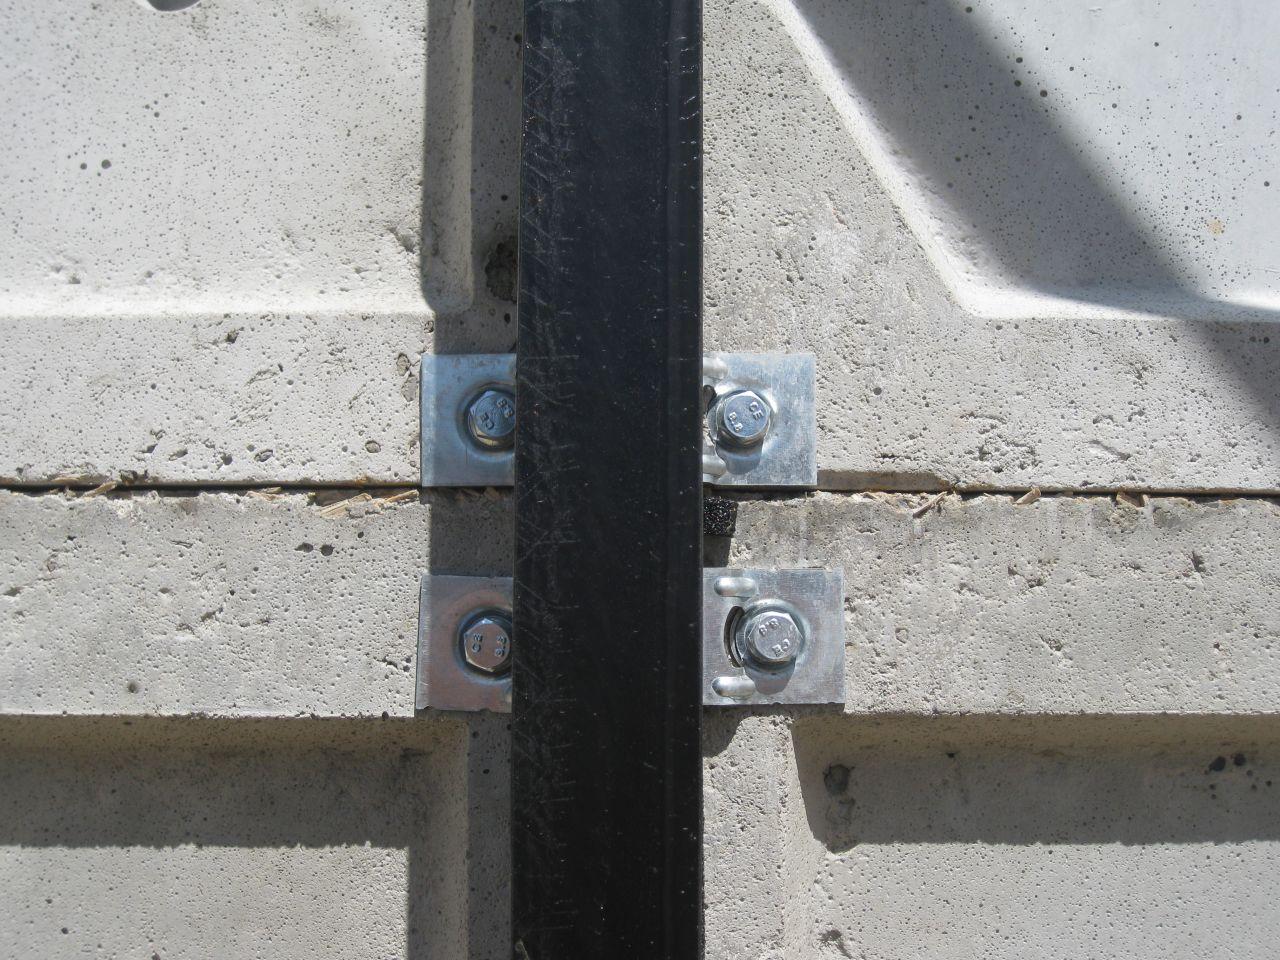 systeme de fixation des plaques de béton fibré aux barres d'acier <br /> si si ça tient bien   j'ai les memes dans mon garage actuel